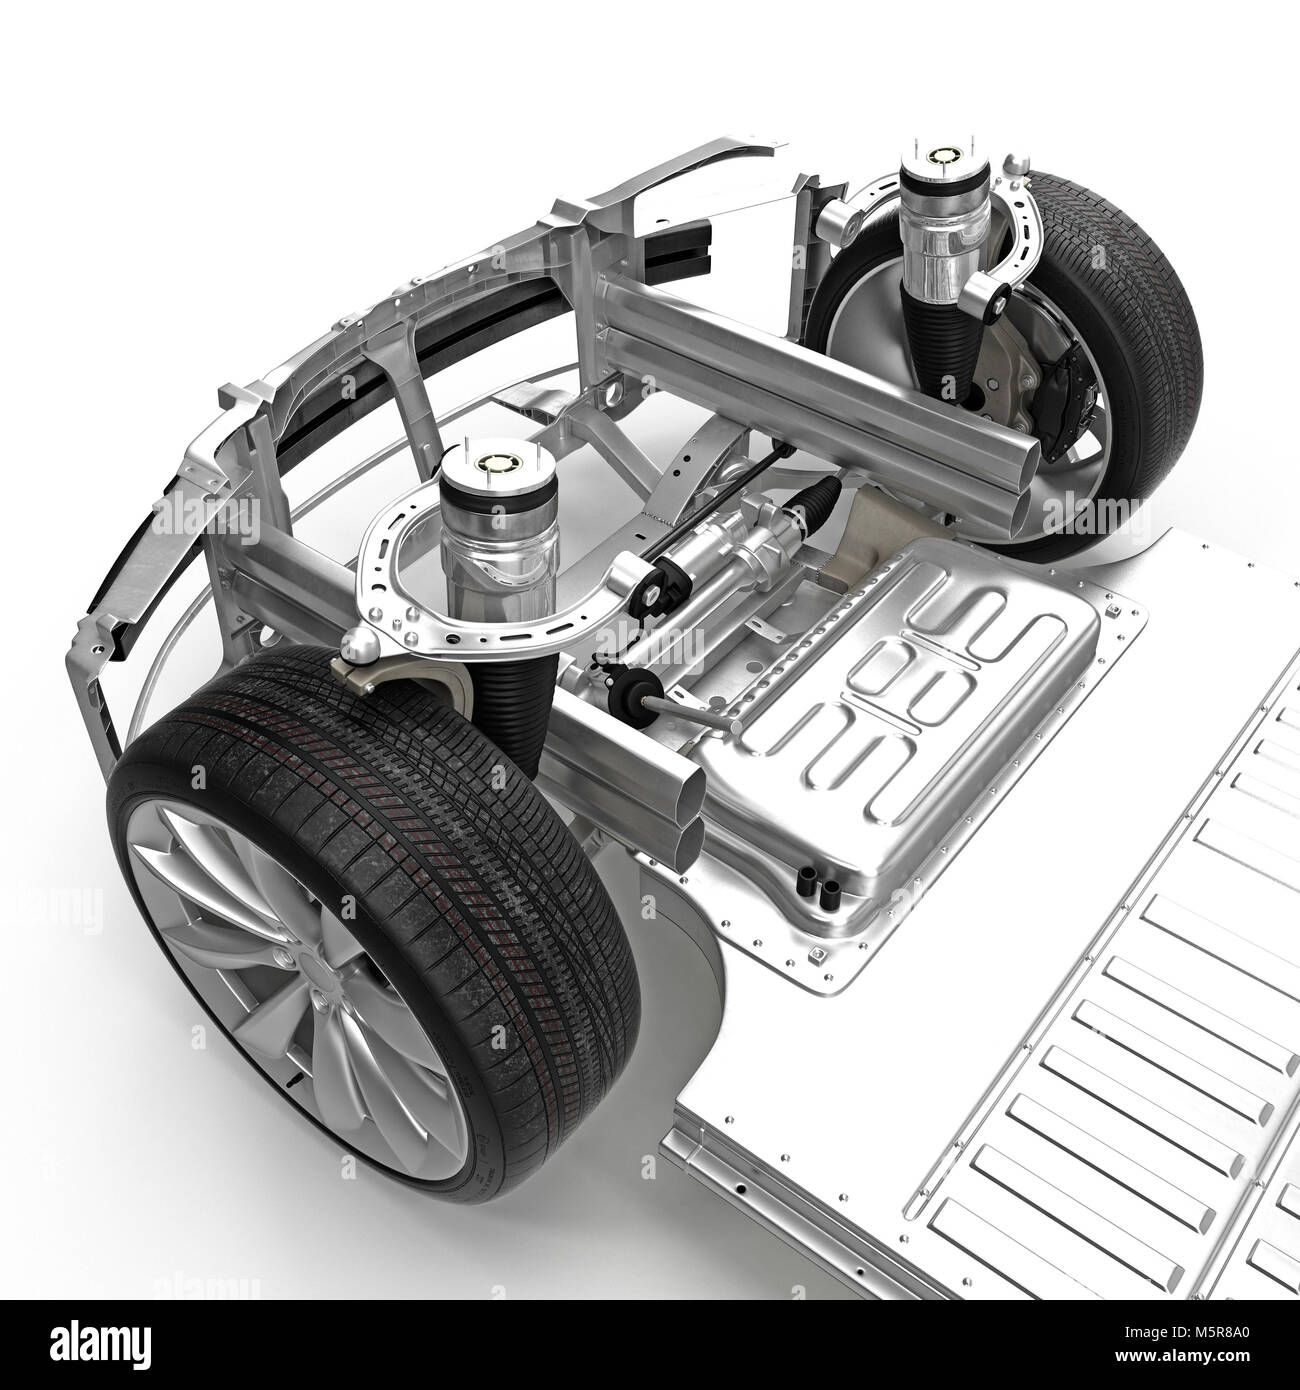 Schema Elettrico Auto Per Bambini : Schema elettrico auto per bambini elegante galleria